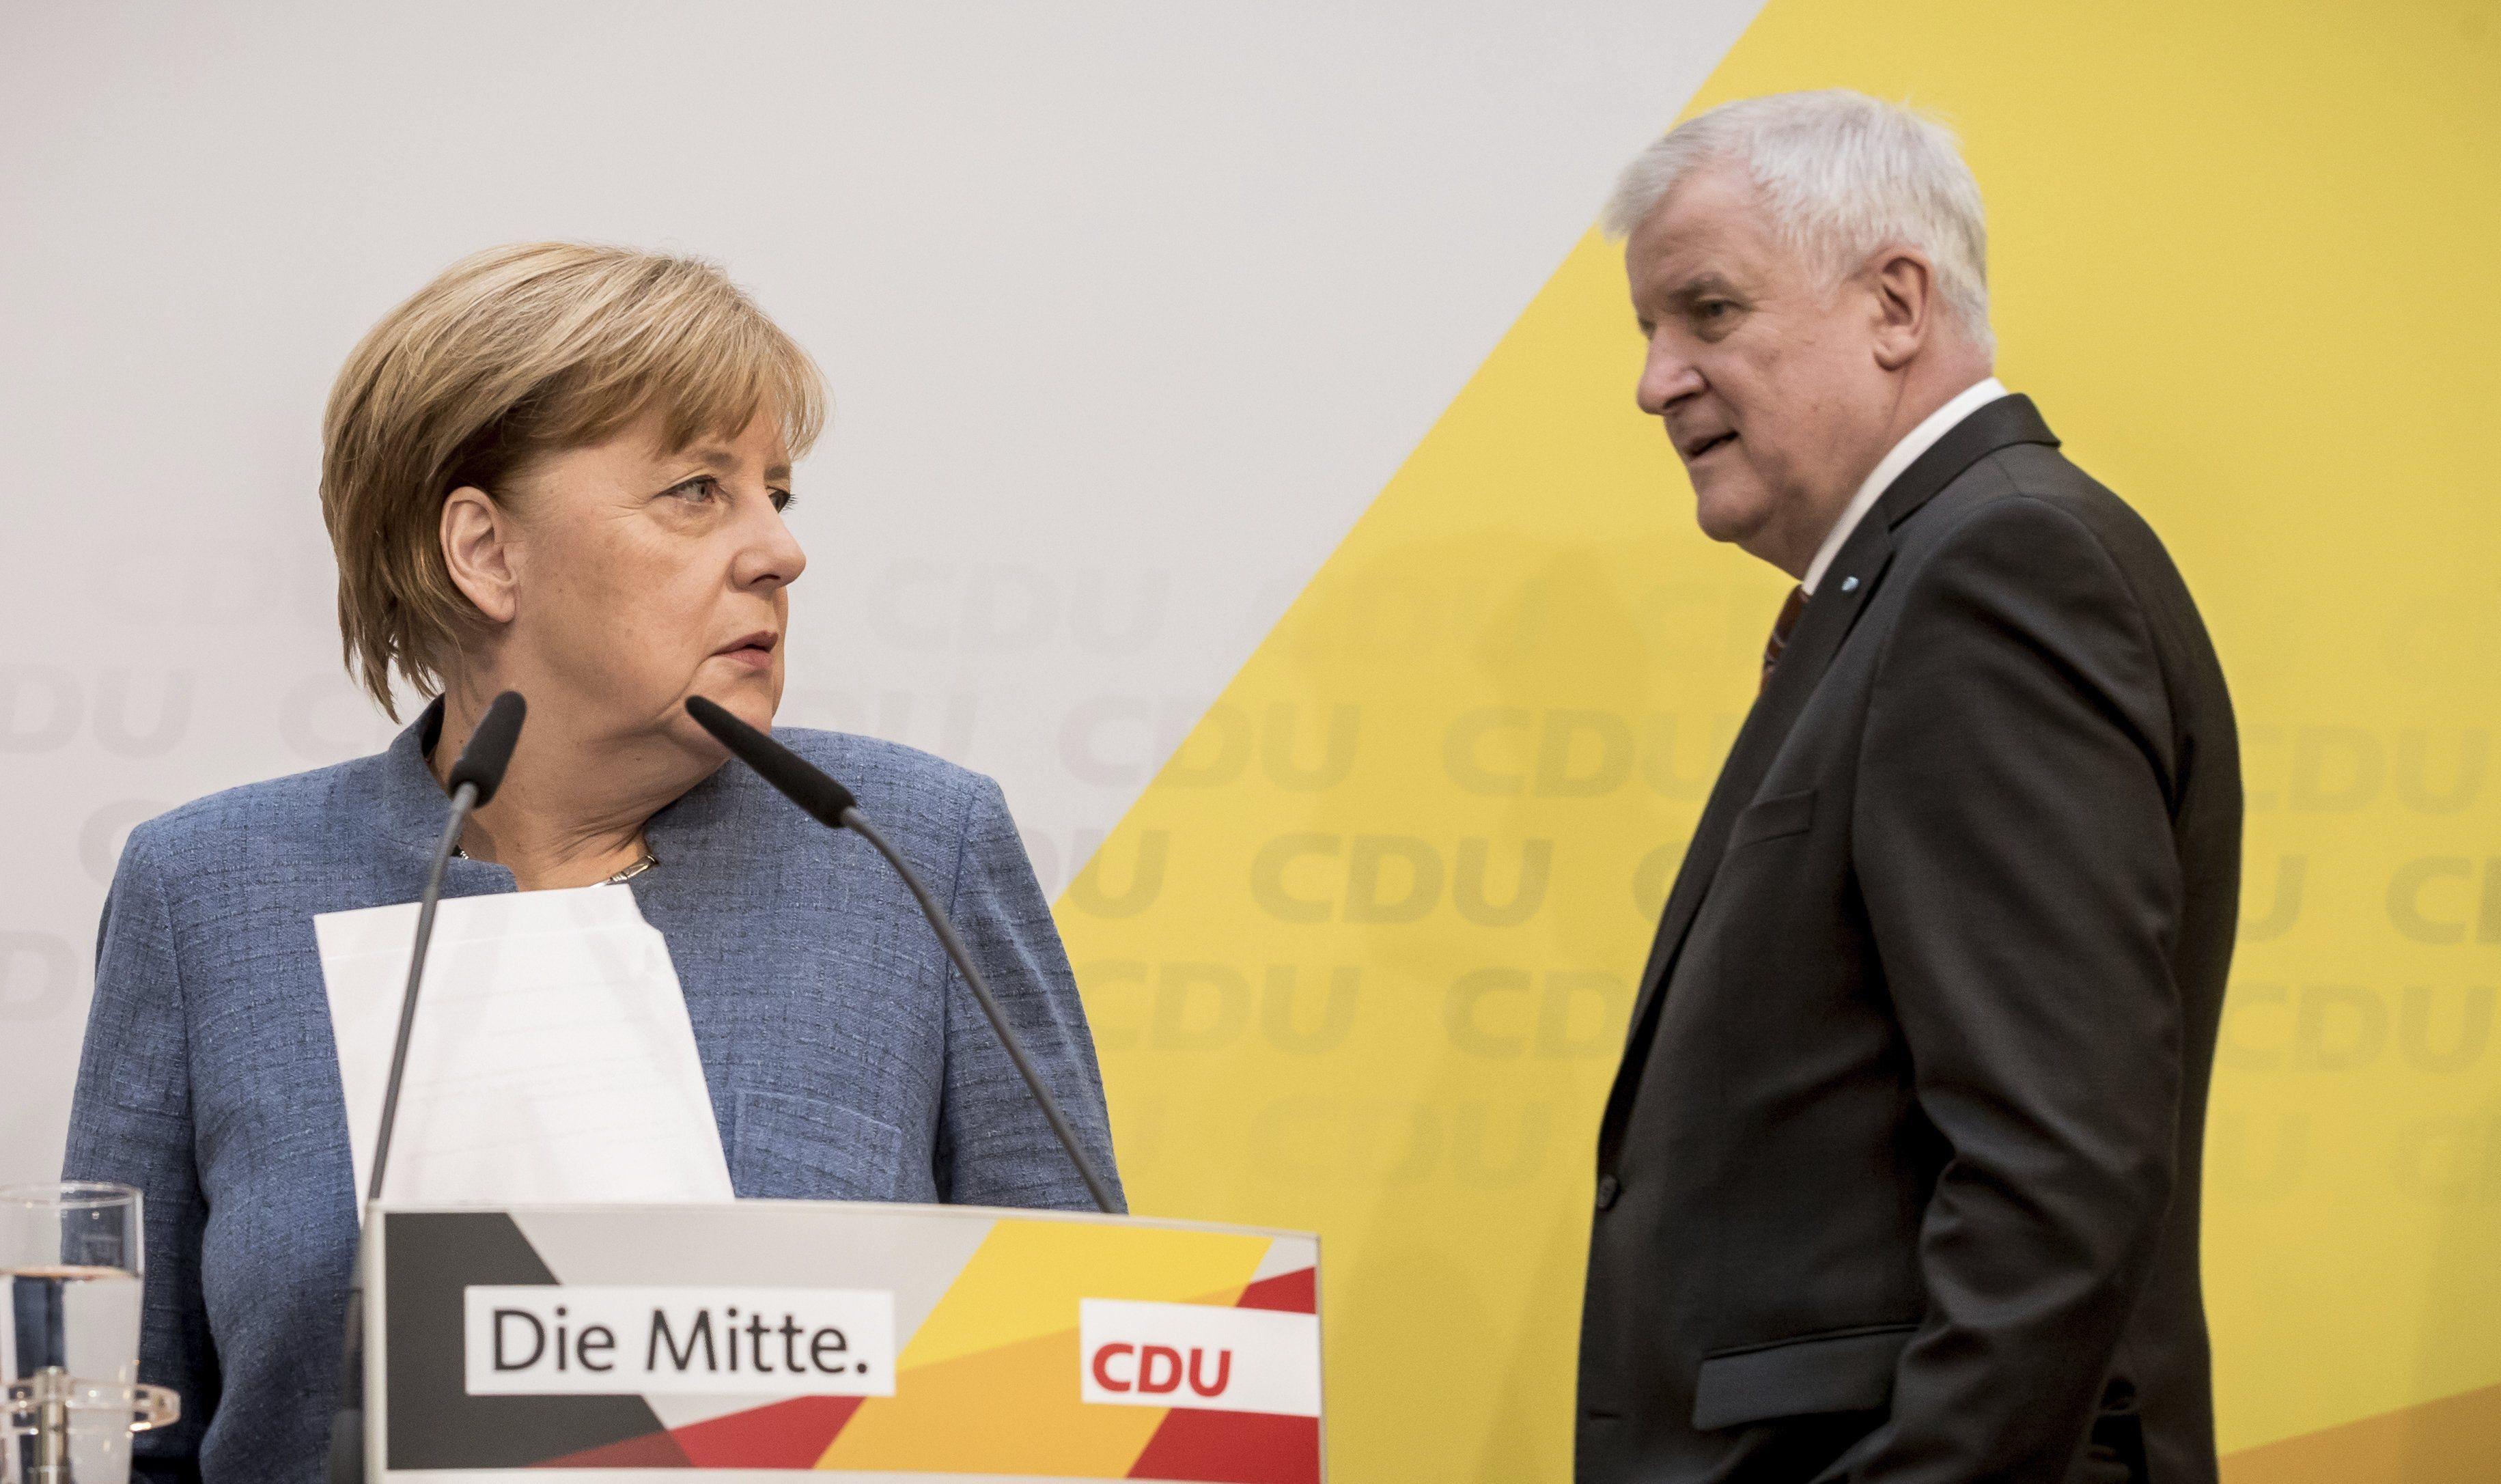 Berlin, 2017. október 9. Angela Merkel német kancellár, a Kereszténydemokrata Unió (CDU) elnöke (b) és Horst Seehofer, a Keresztényszociális Unió (CSU) elnöke sajtótájékoztatóra érkezik Berlinben 2017. október 9-én. Merkel bejelentette, hogy október 18-ra hívja meg a CDU/CSU német jobbközép pártszövetség a liberális FDP-t és a Zöldeket a kormányzati együttműködés lehetõségeinek felmérést célzó első egyeztetésre. (MTI/AP/DPA/Michael Kappeler)